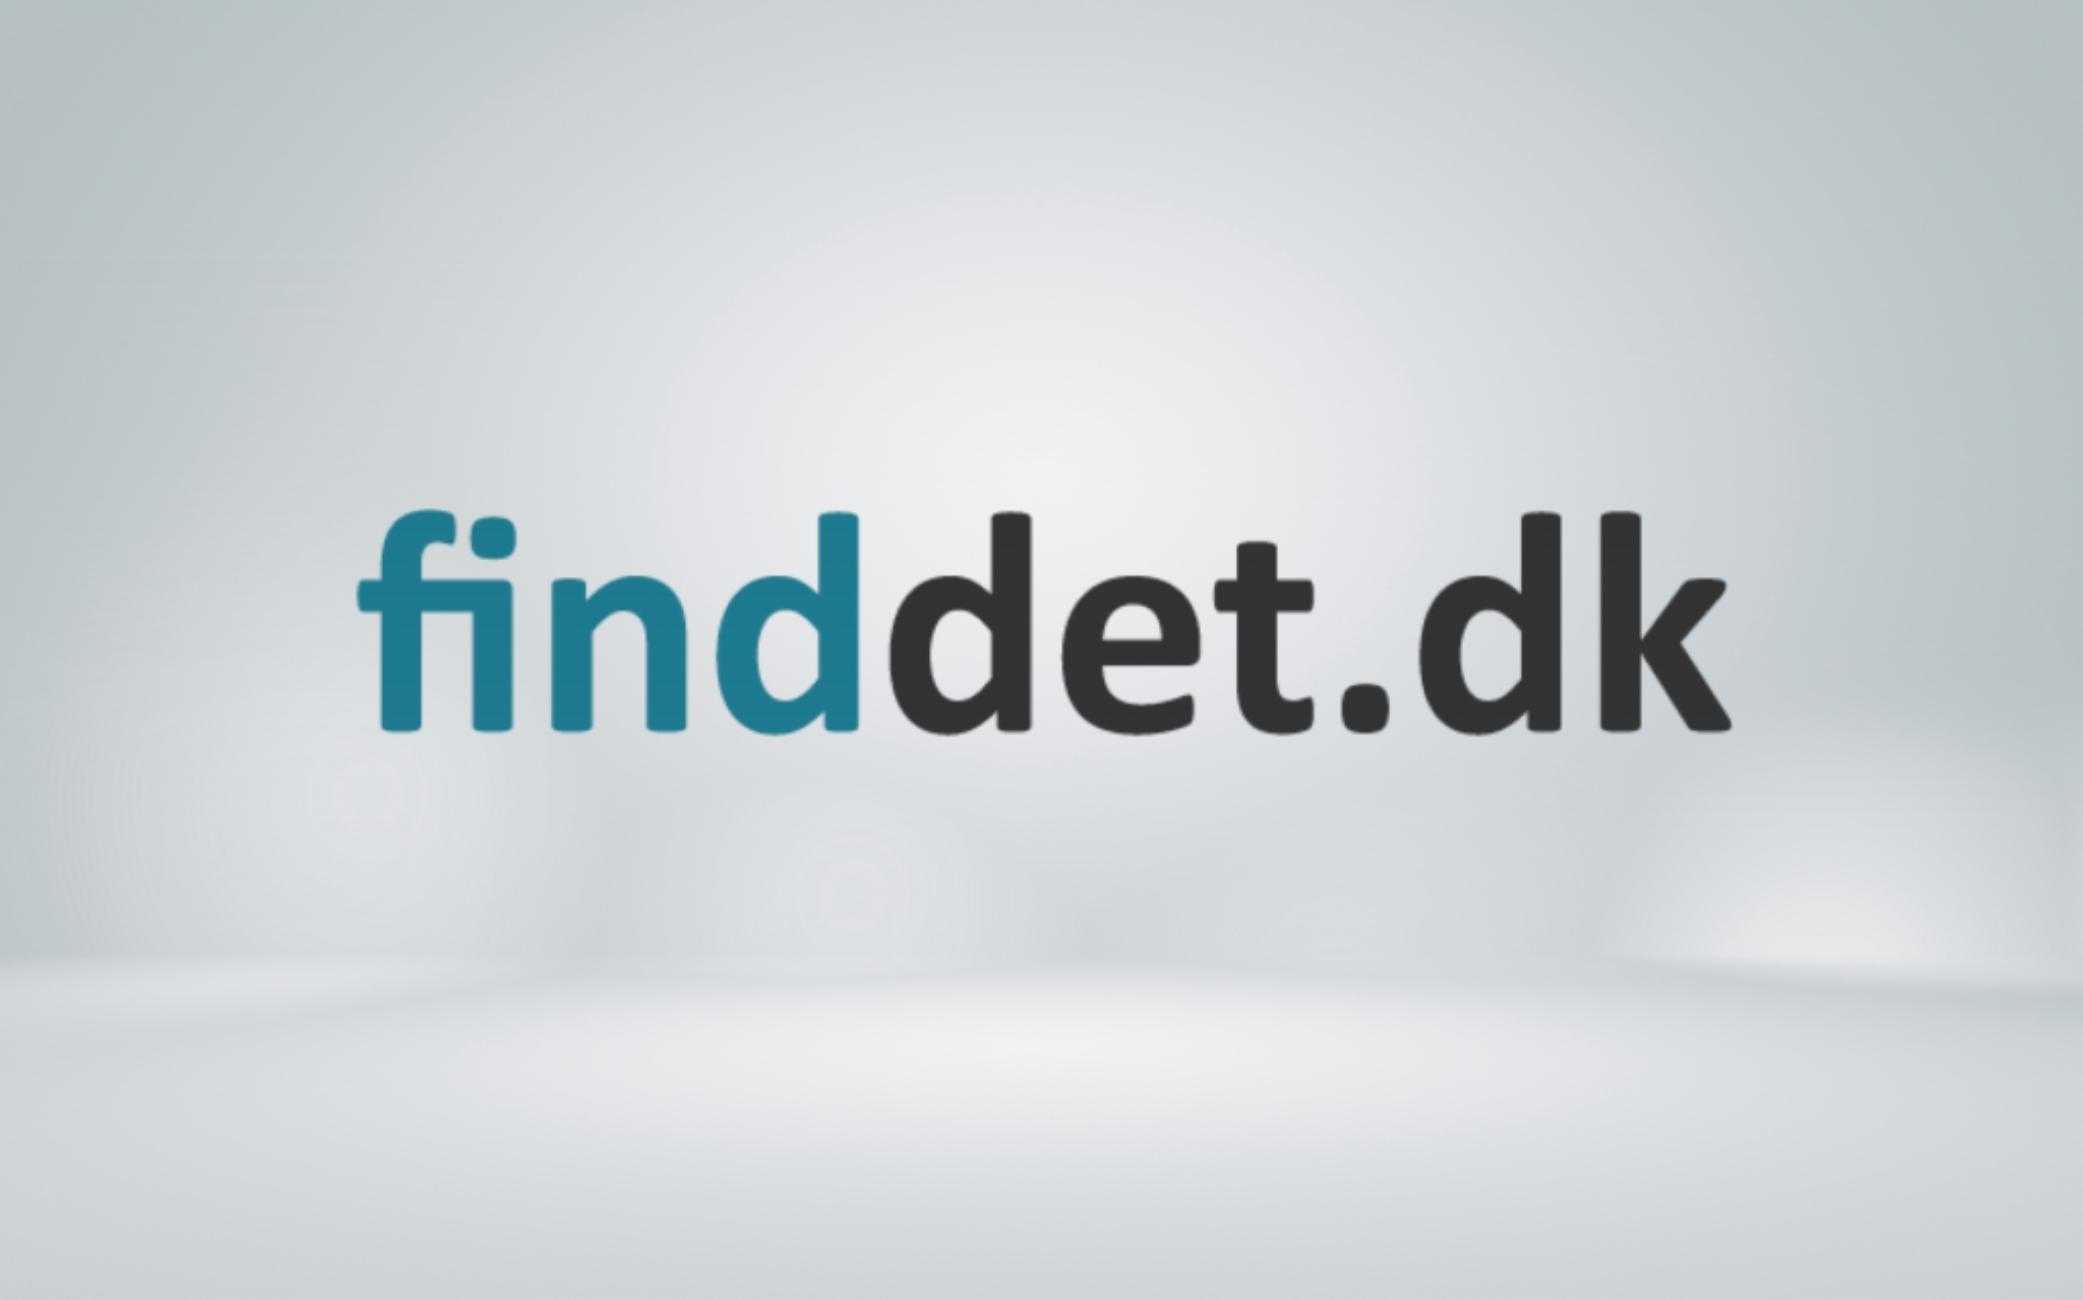 riptos-privou-cases-finddet-dk-smart-ads